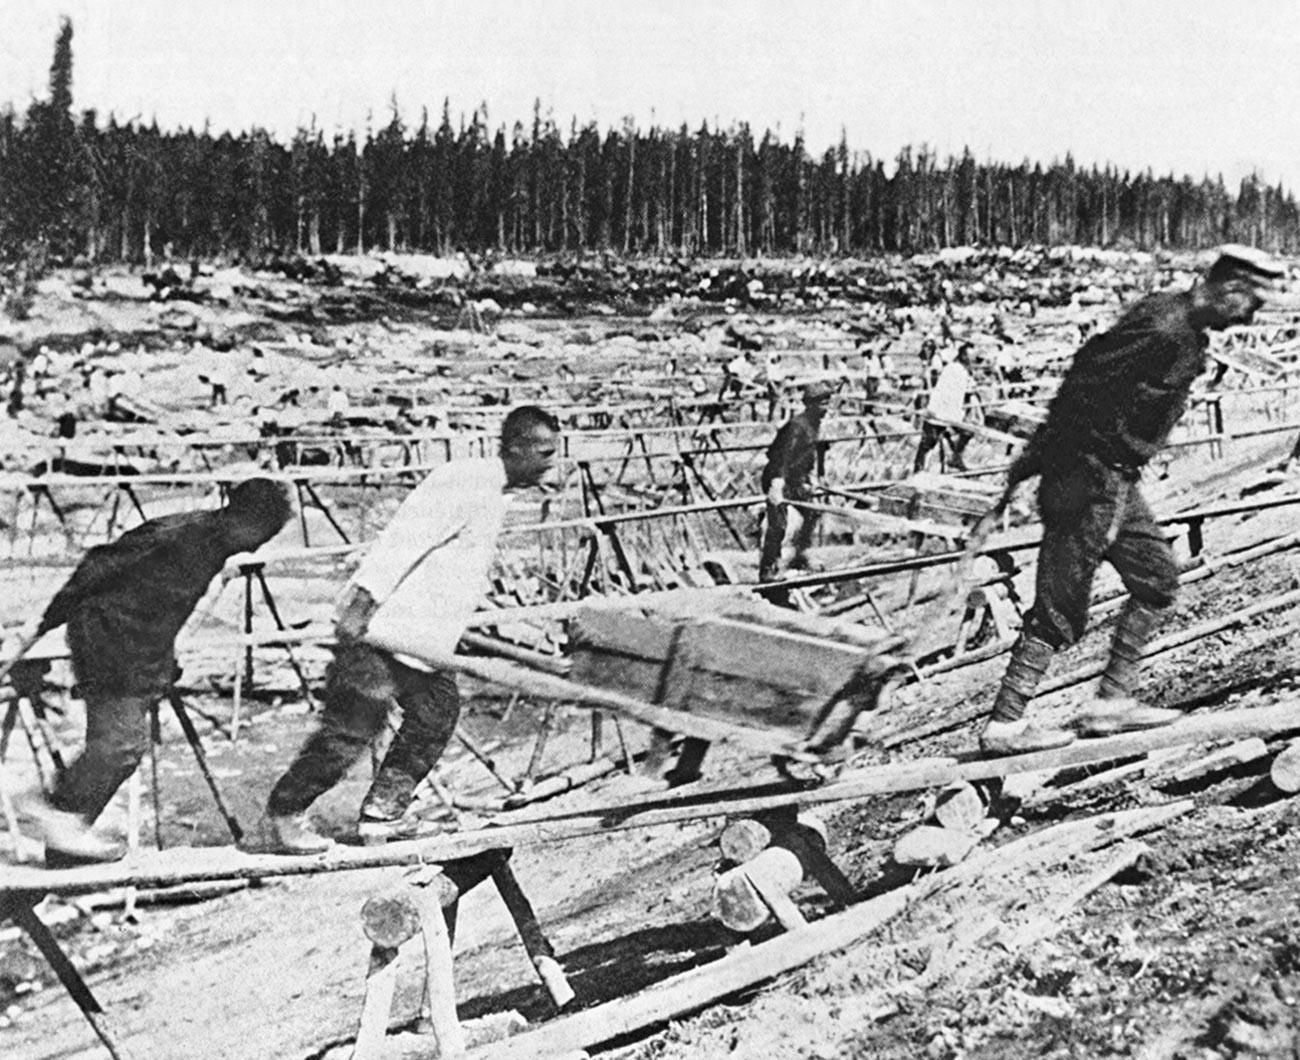 Des prisonniers soviétiques lors de la construction du canal reliant les mers Blanche et Baltique